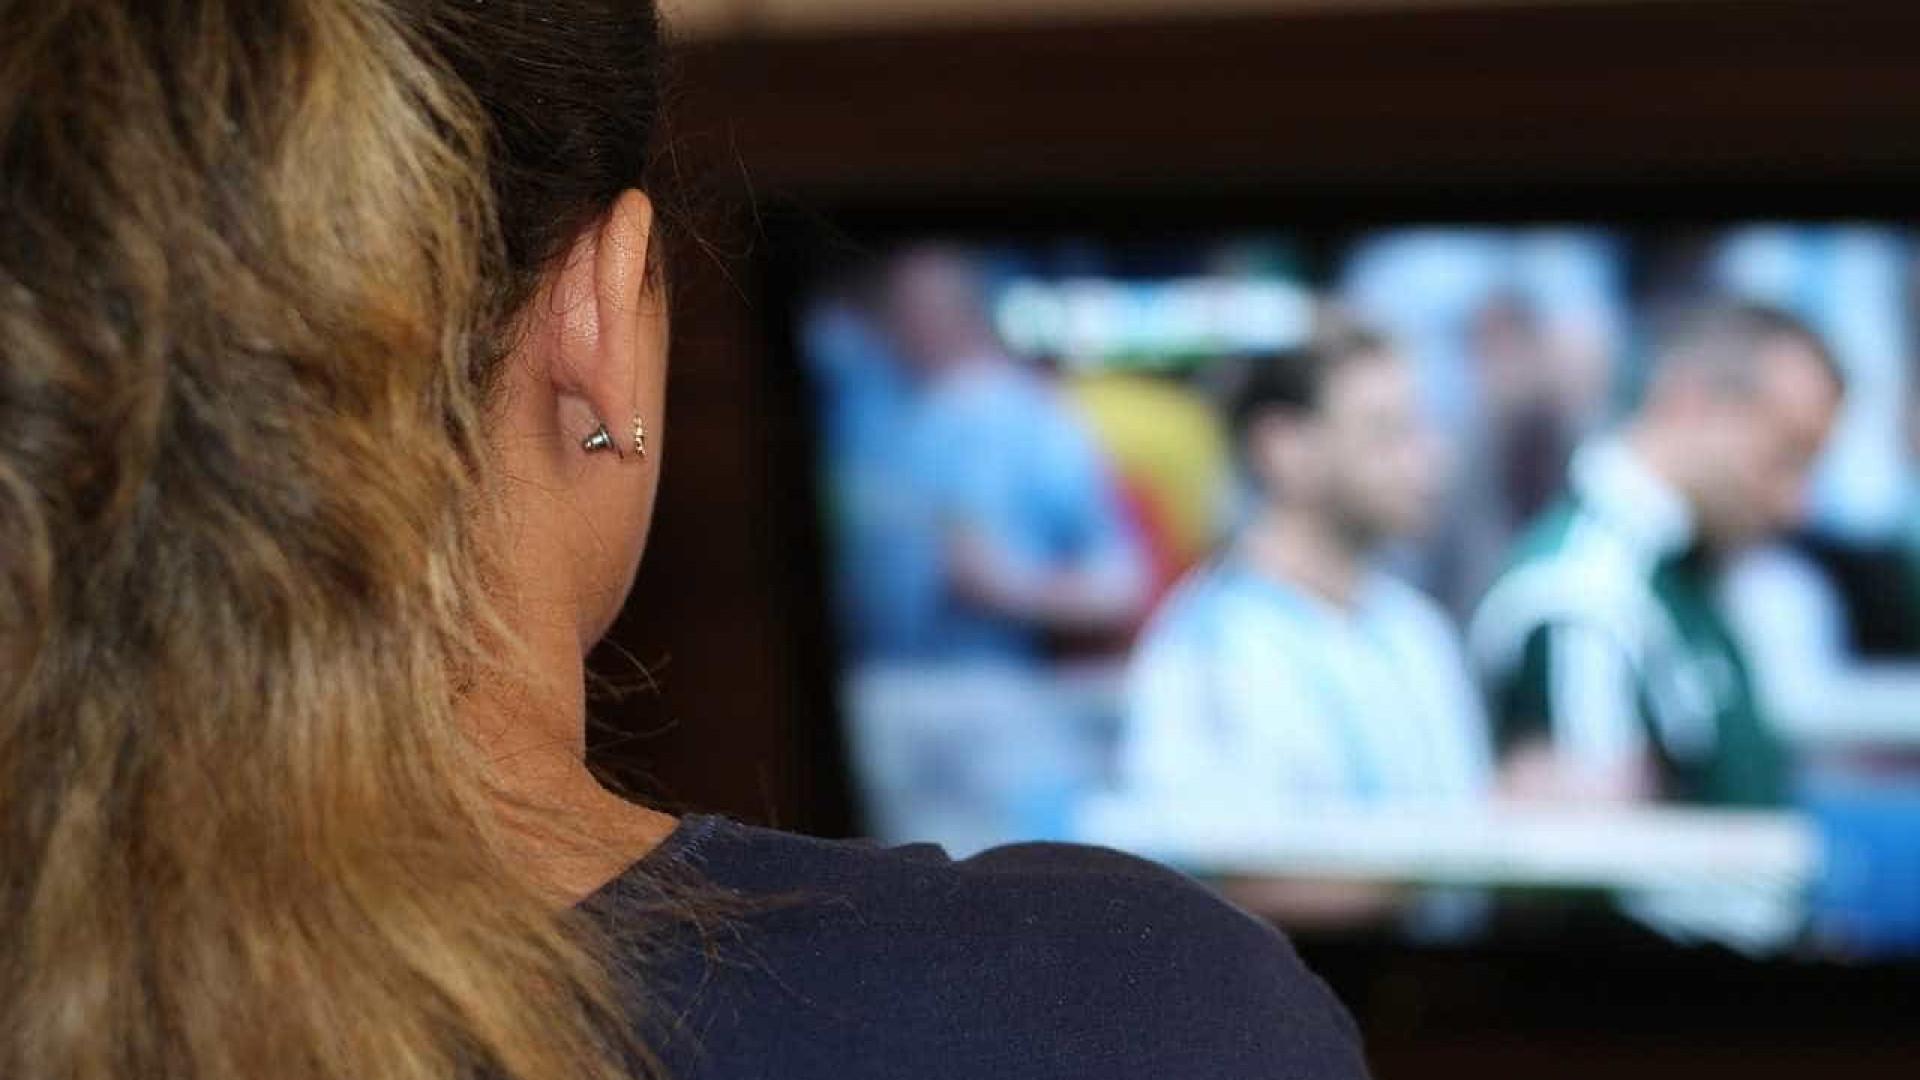 Brasileiro passou 6 horas em frente à TV em 2015